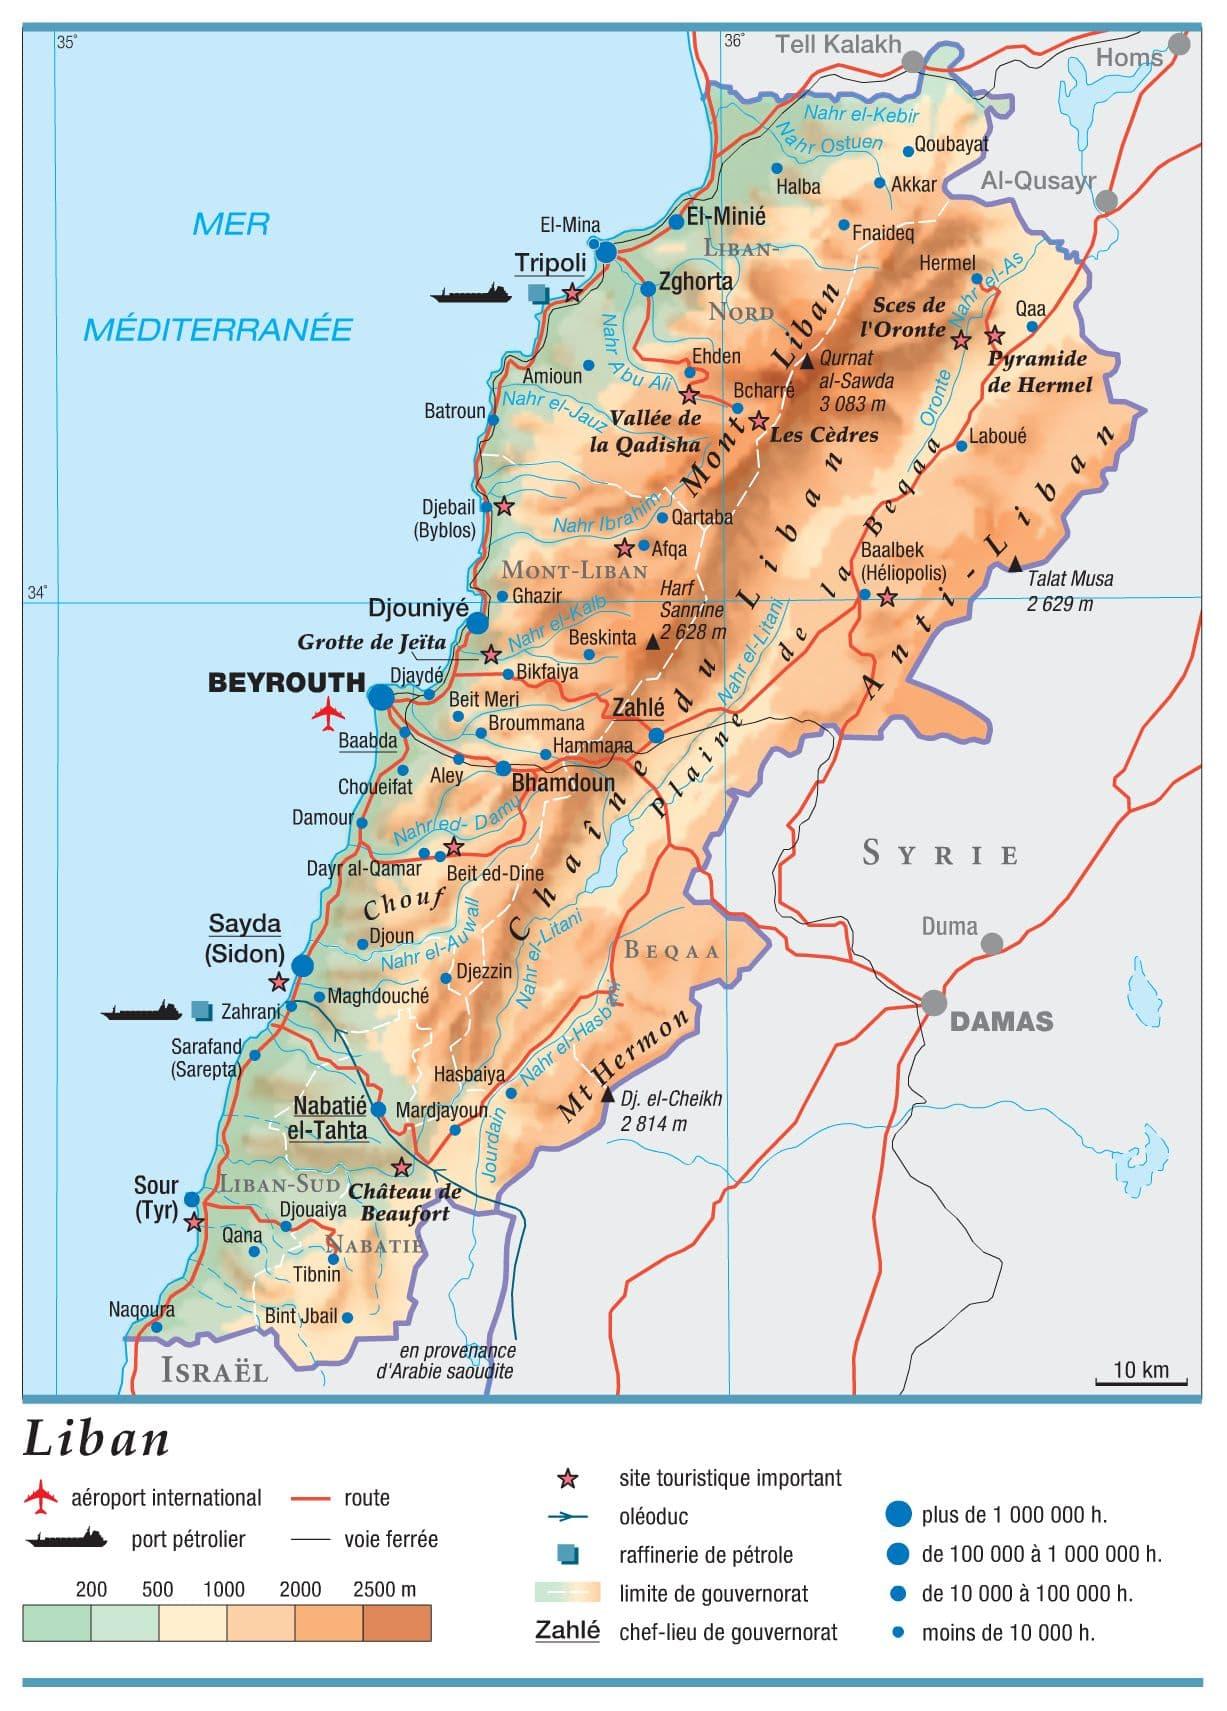 Encyclopédie Larousse en ligne - Liban